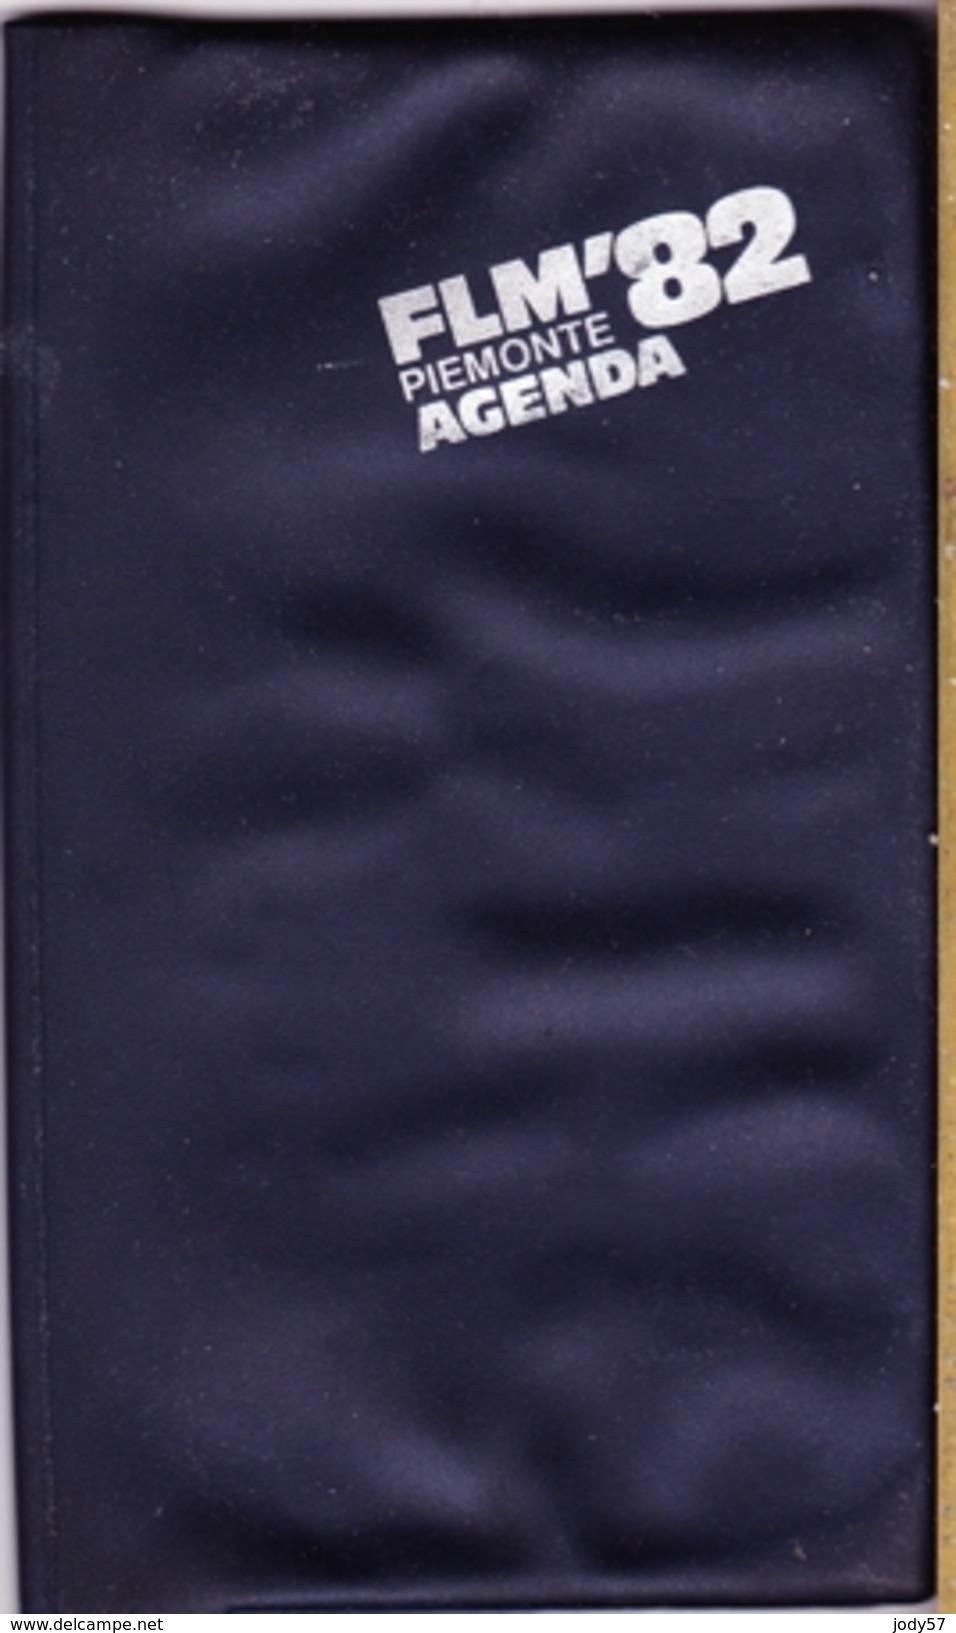 CALENDARIO TASCABILE AGENDINA - FLM PIEMONTE 1982 - Calendari